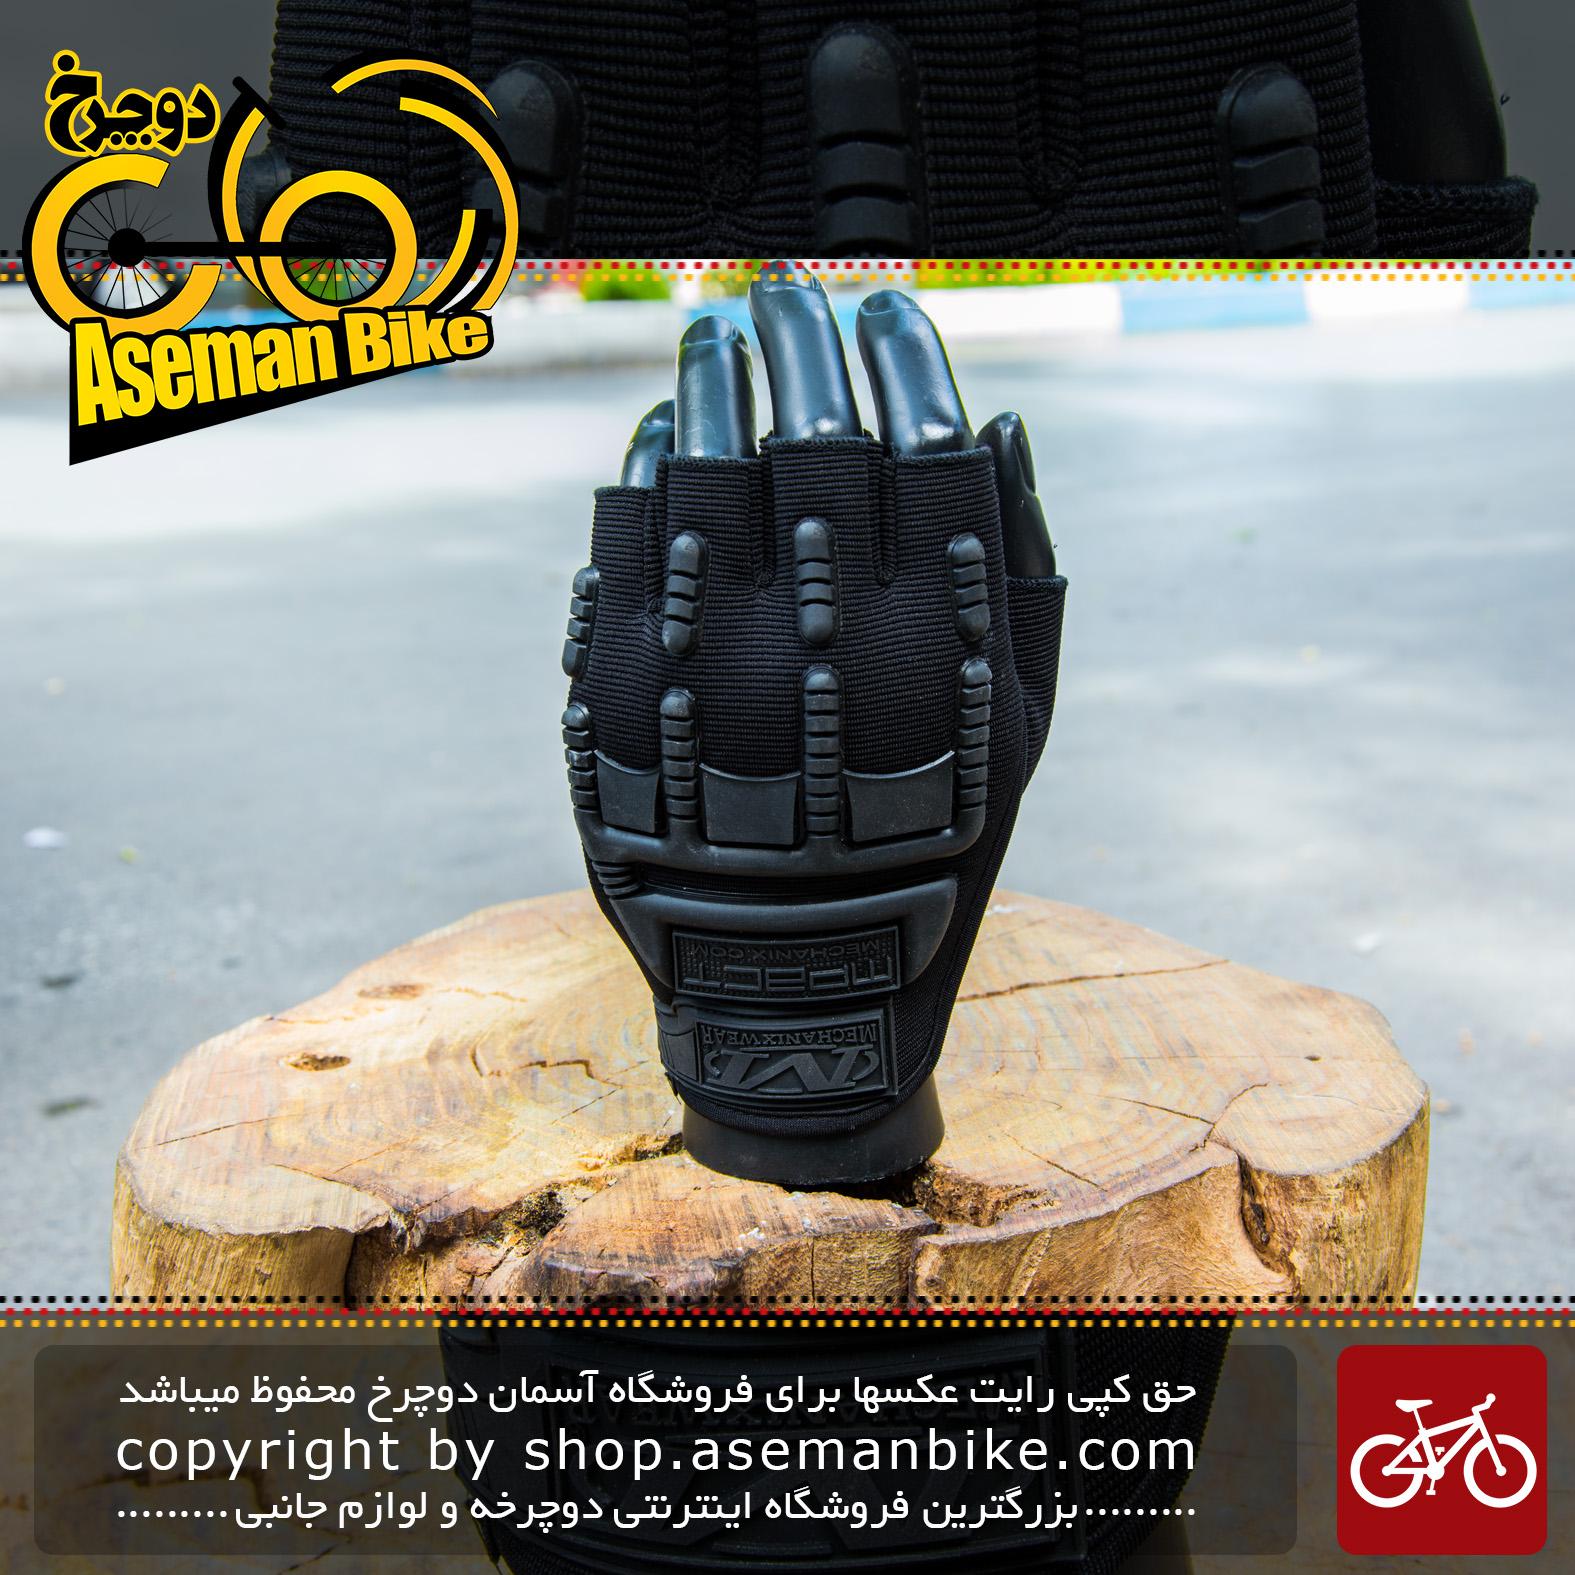 دستکش دوچرخه سواری مدل تی ال اس مشکی Gloves Bicycle TLS Black